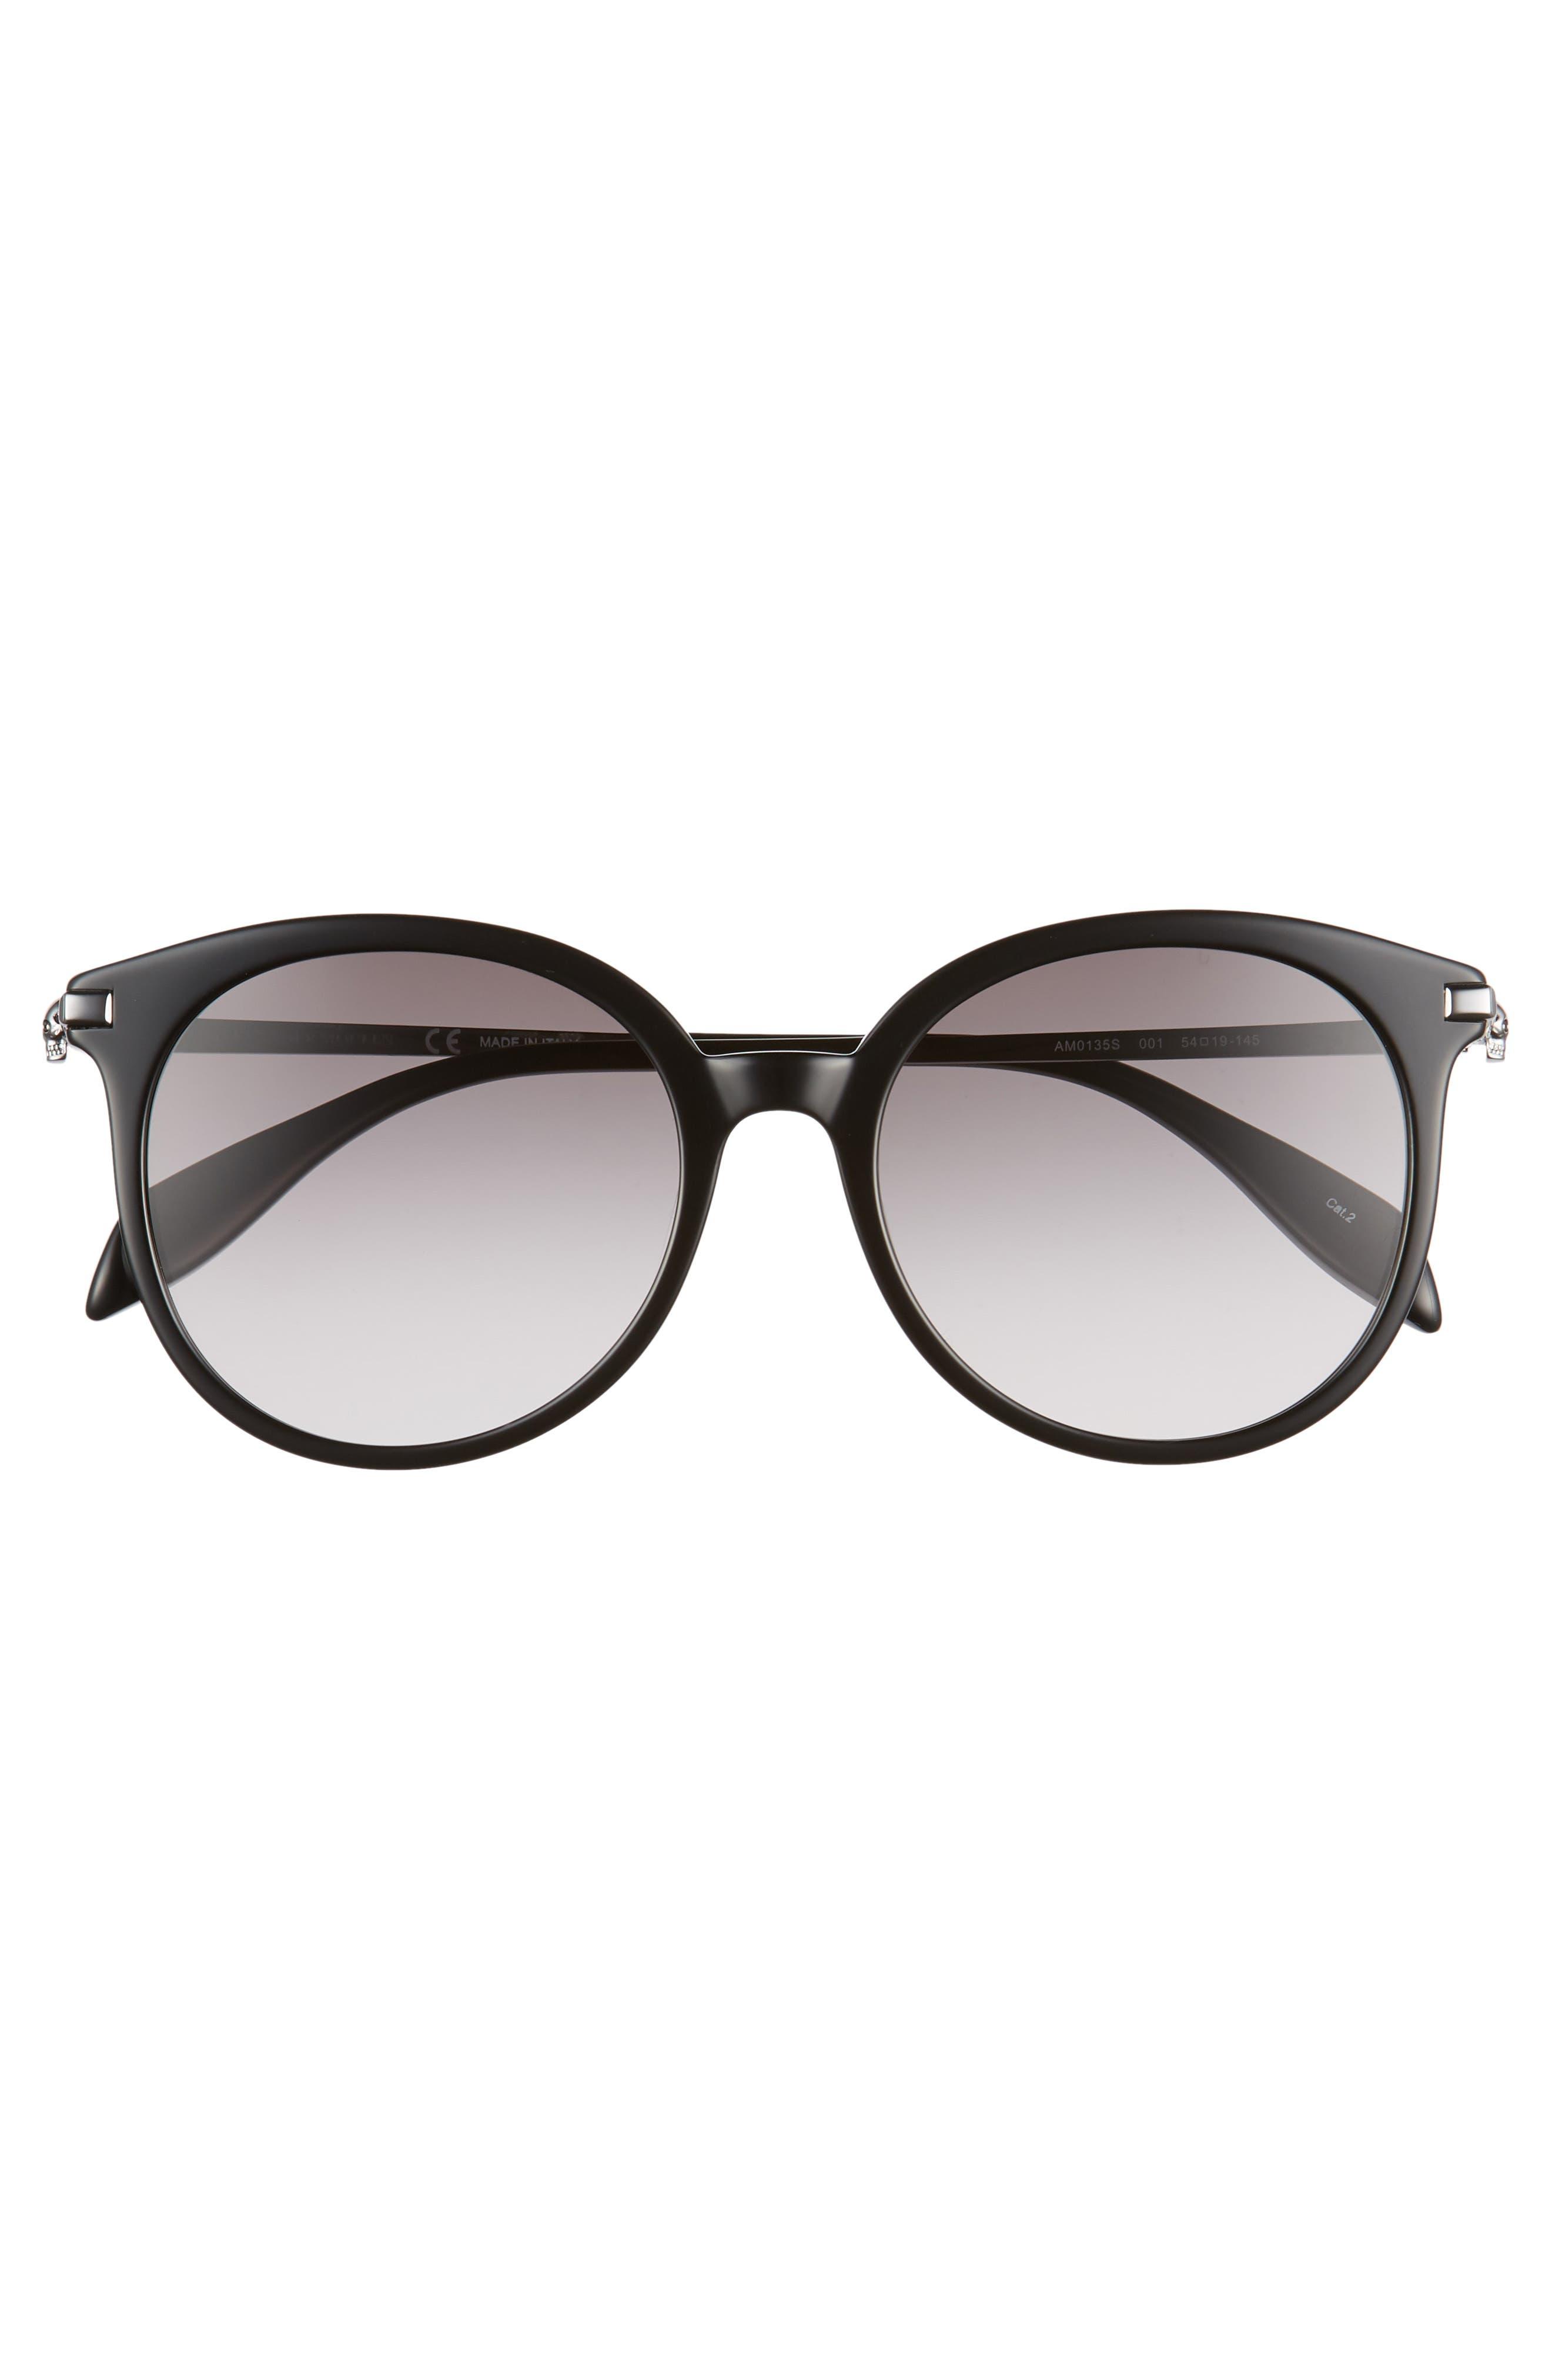 54mm Gradient Lens Round Sunglasses,                             Alternate thumbnail 3, color,                             Dark Ruthenium/ Black